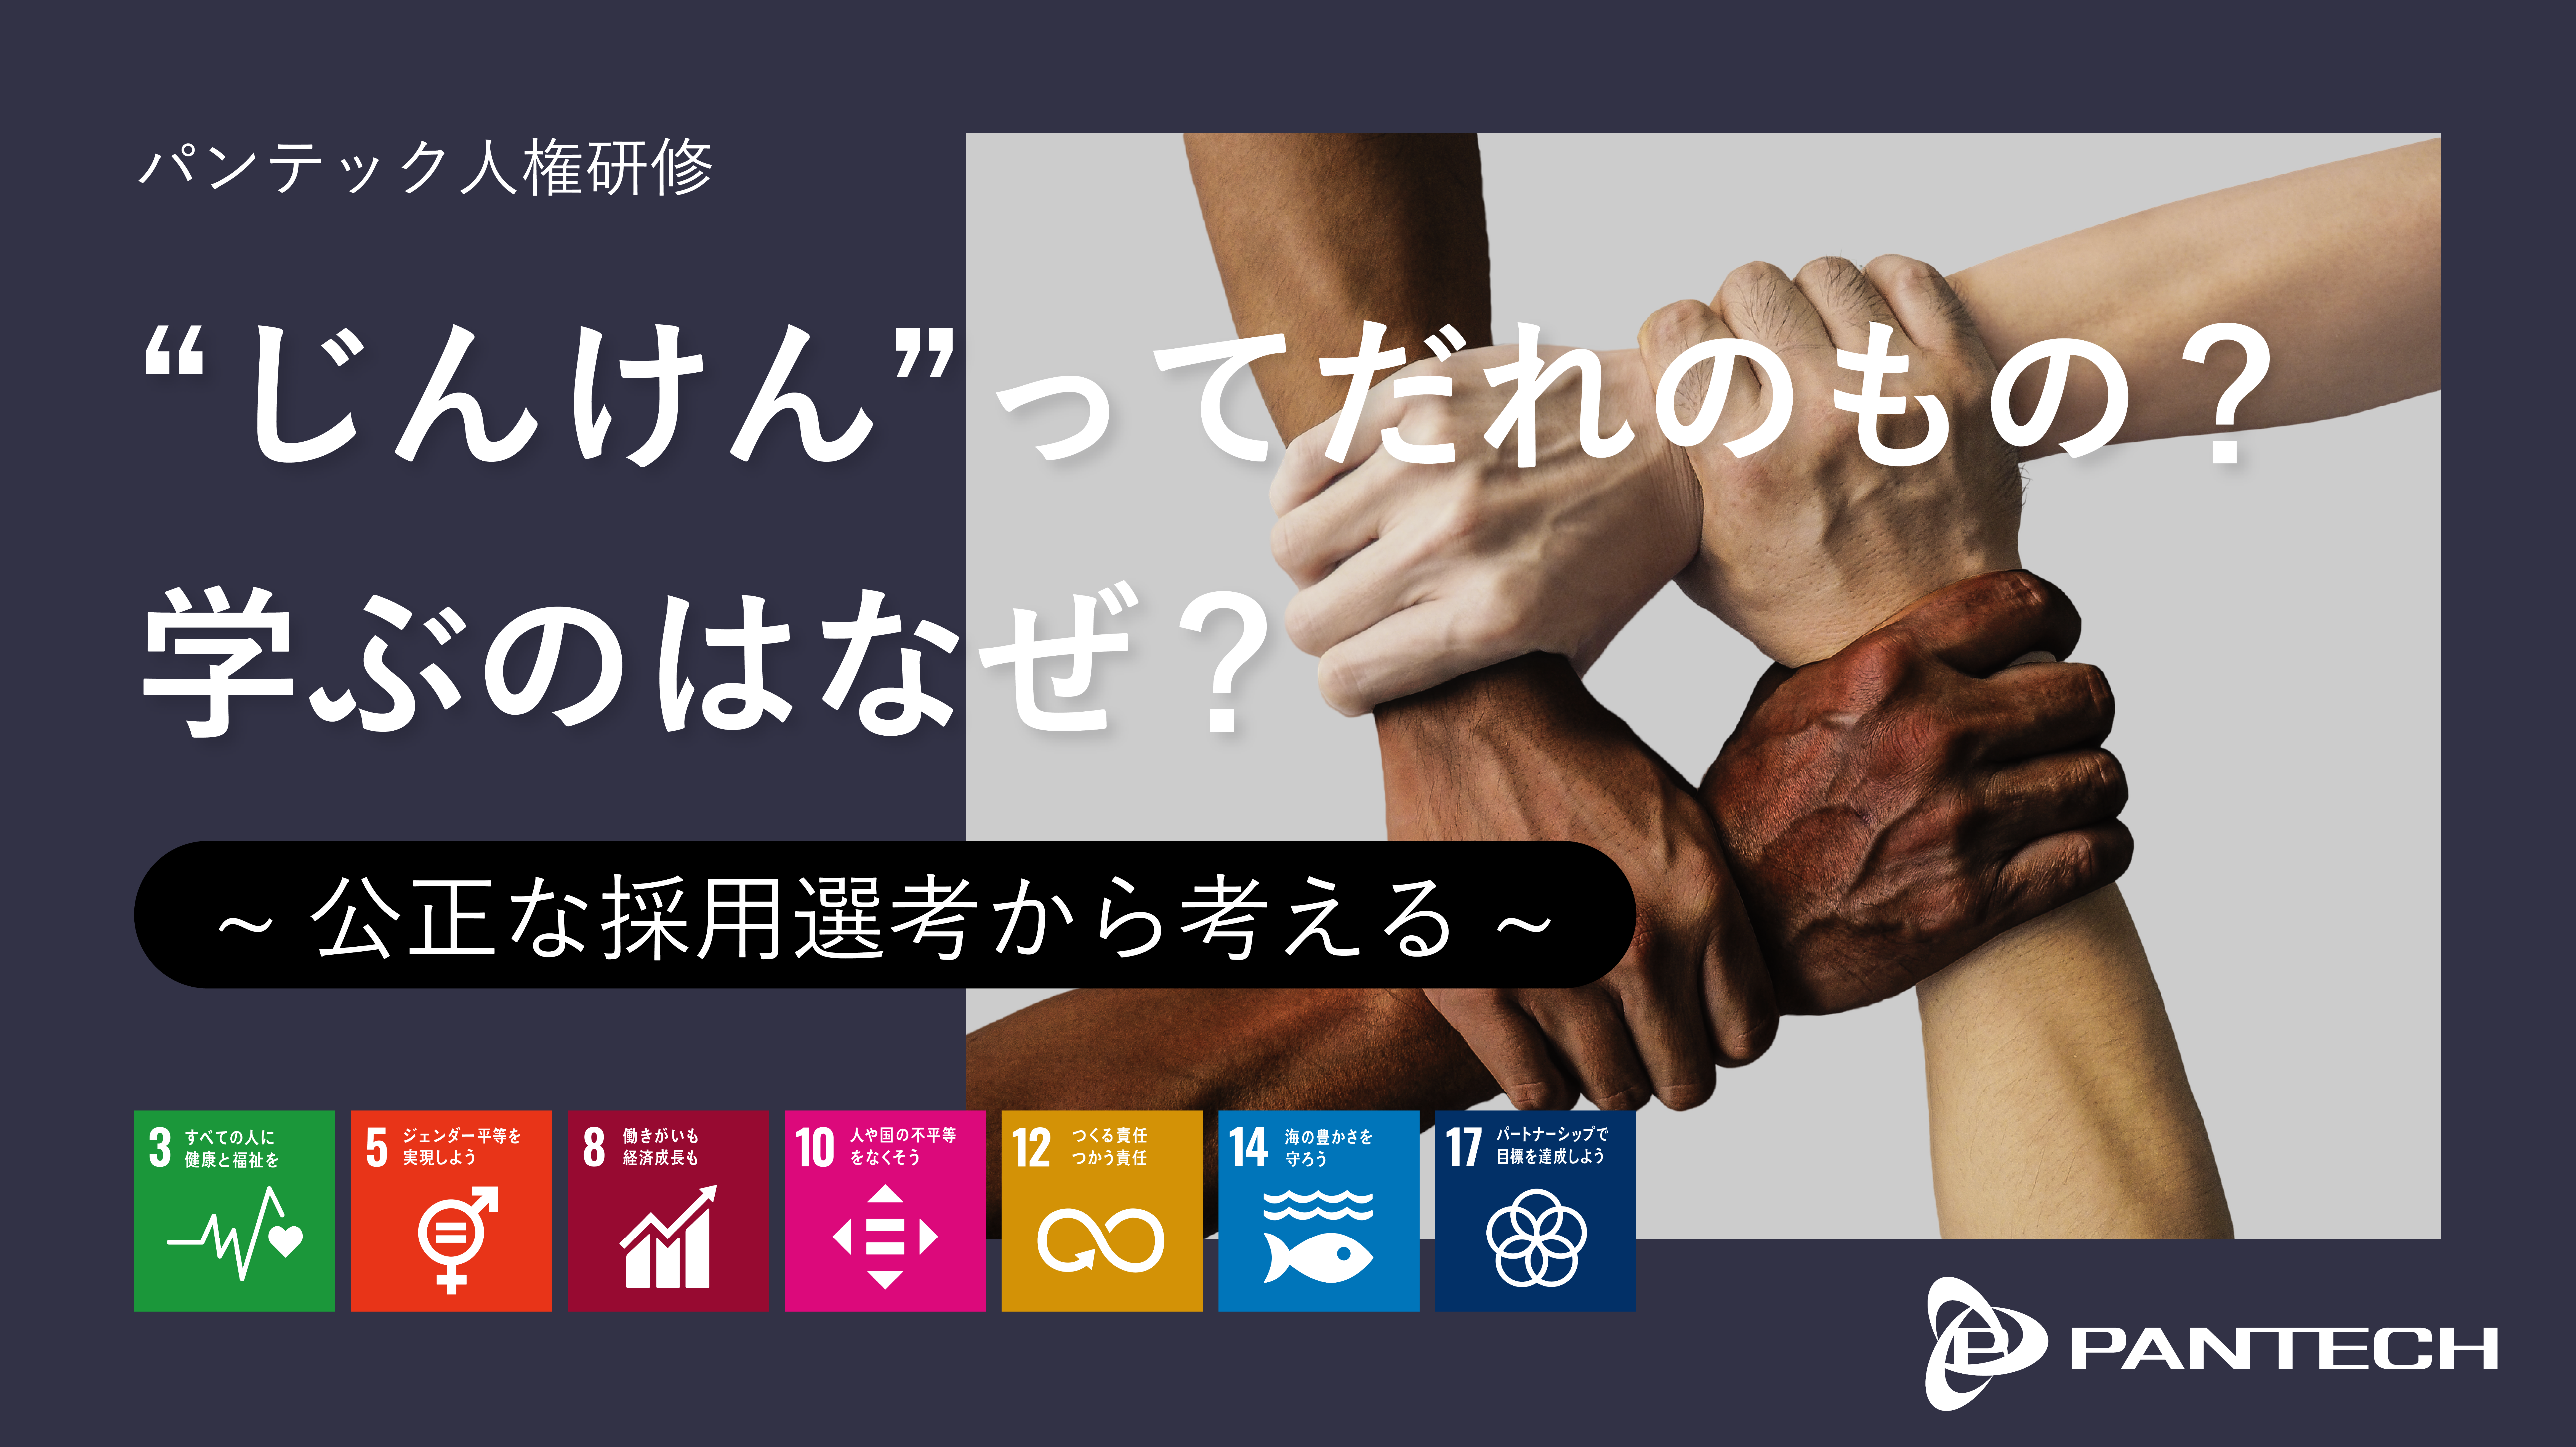 パンテックにおける人権研修の様子をご紹介!~SDGsについても解説~